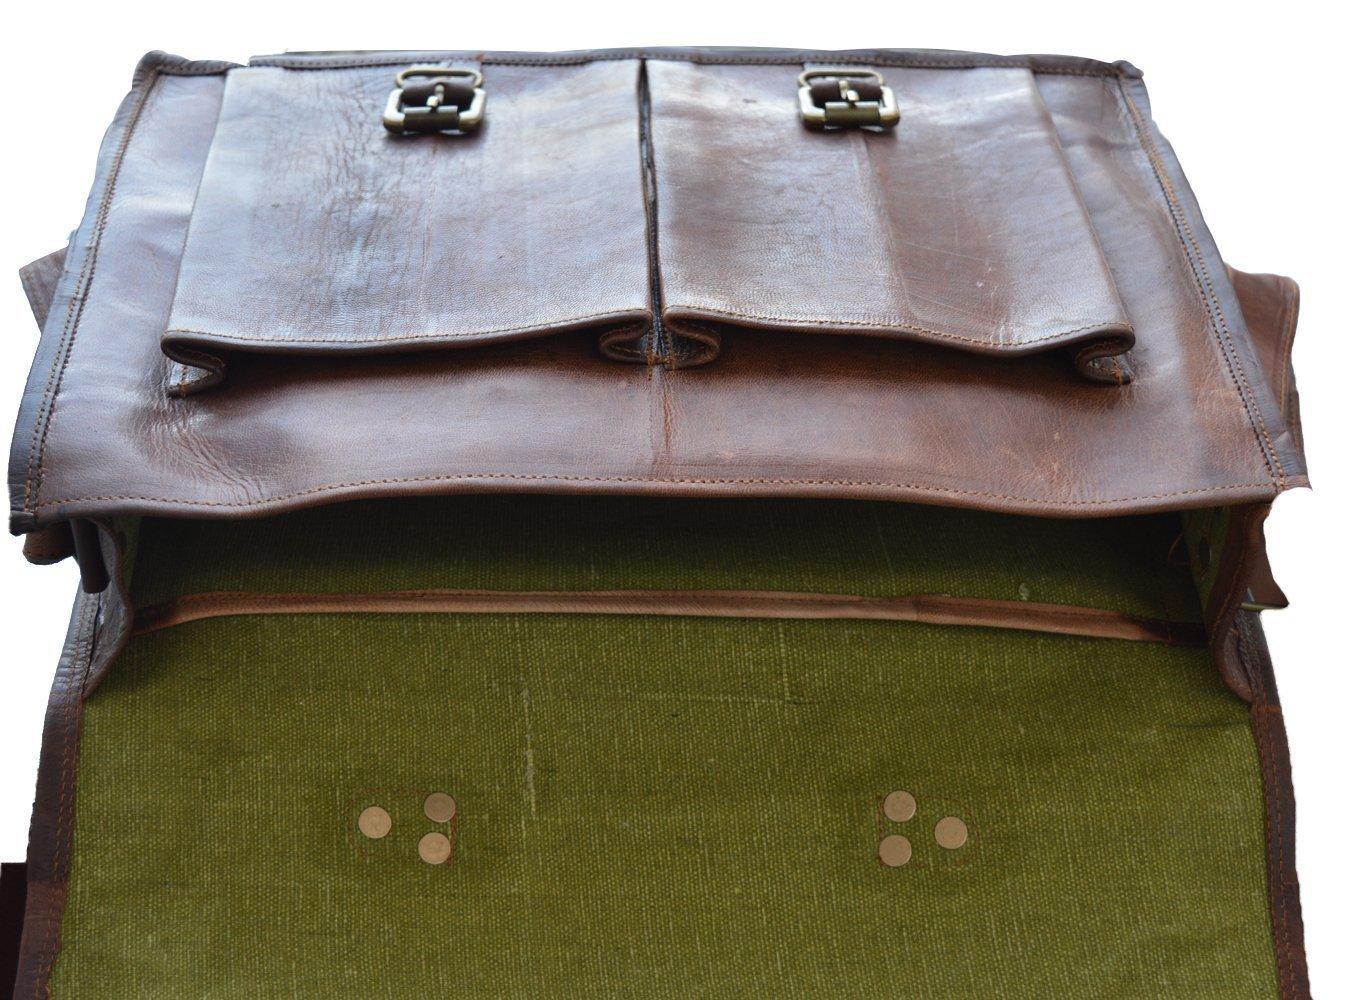 Vintage Handmade Leather Messenger Bag for Laptop Briefcase Best Computer Satchel School distressed Bag (18 INCH) by jsm (Image #2)